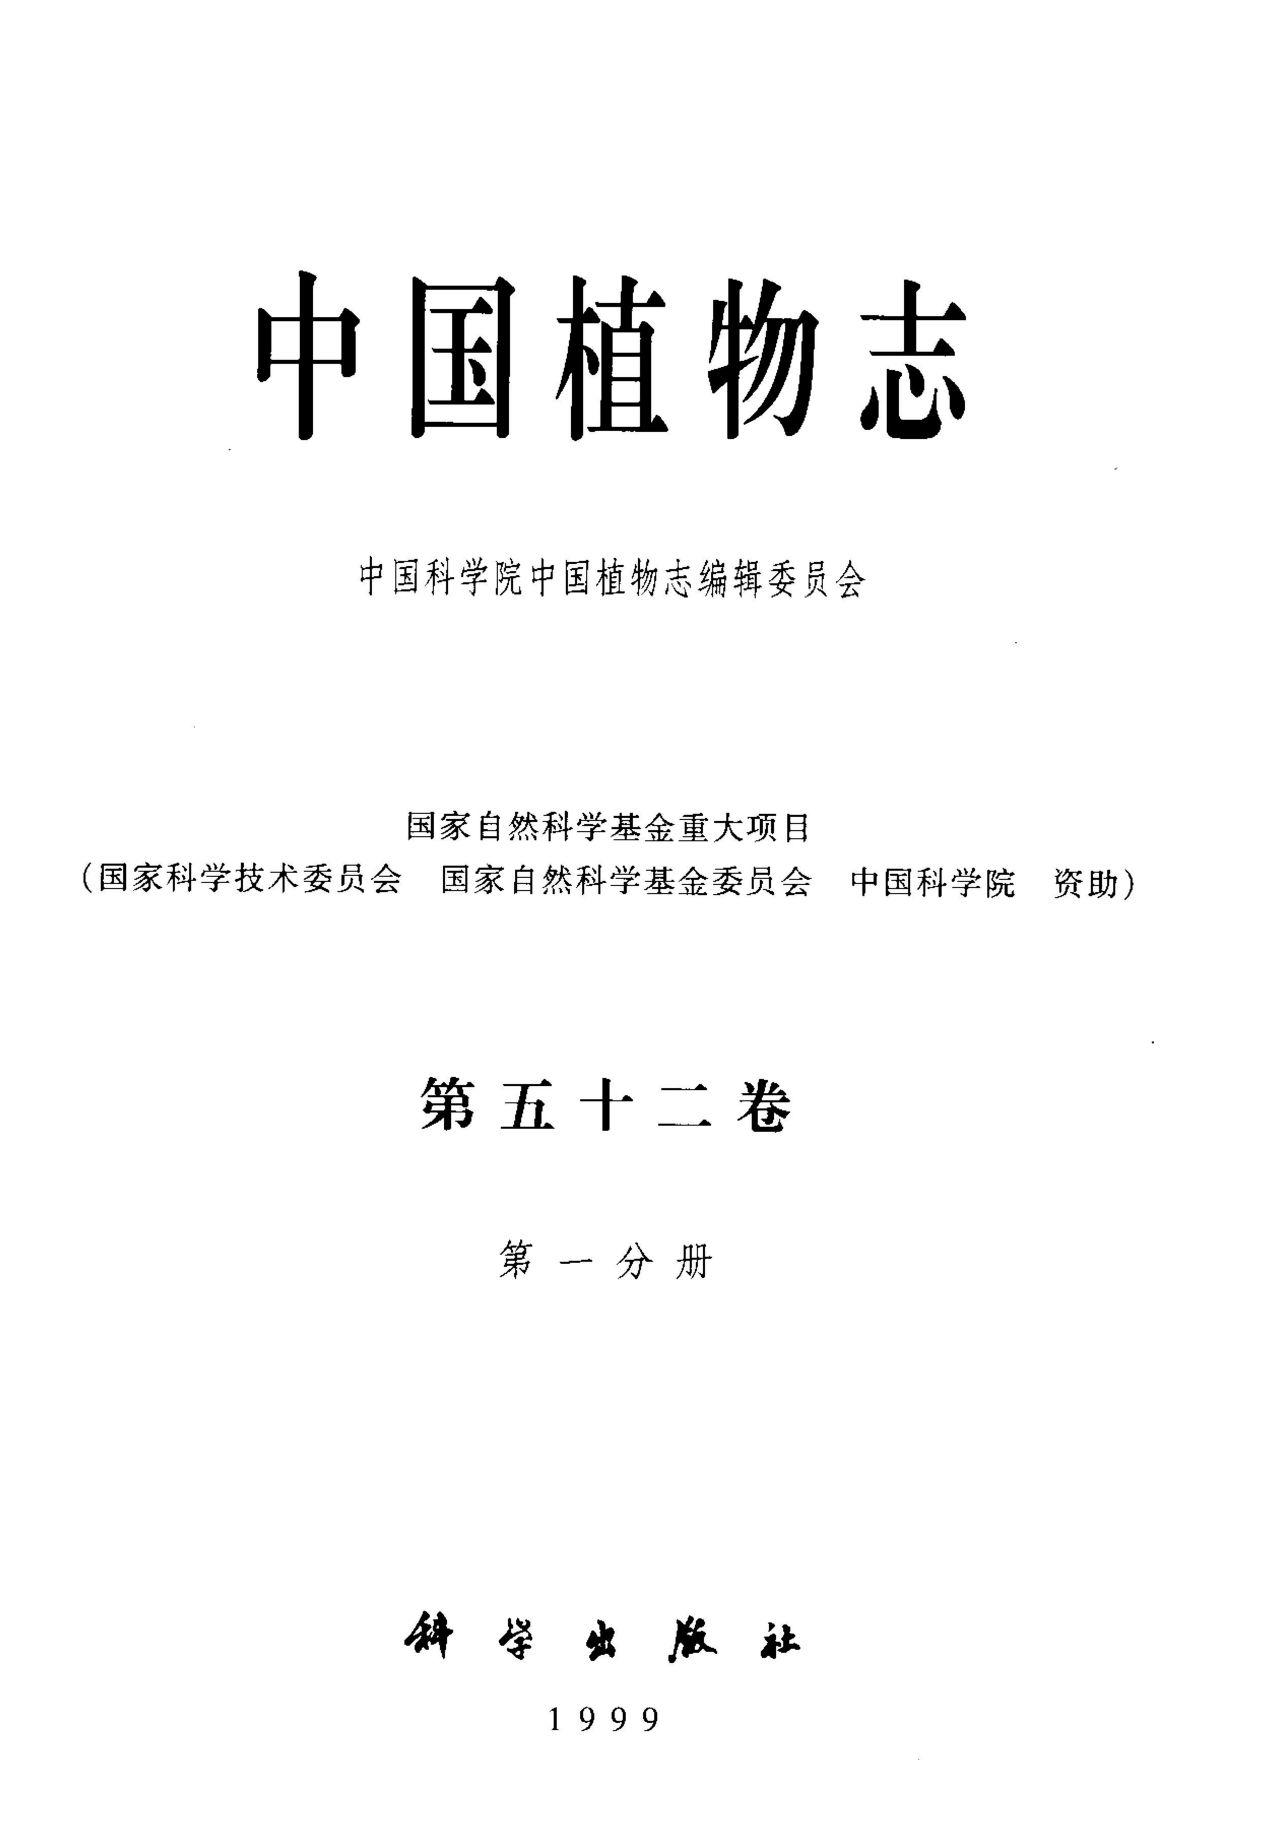 中国植物志 第五十二卷 第一分册